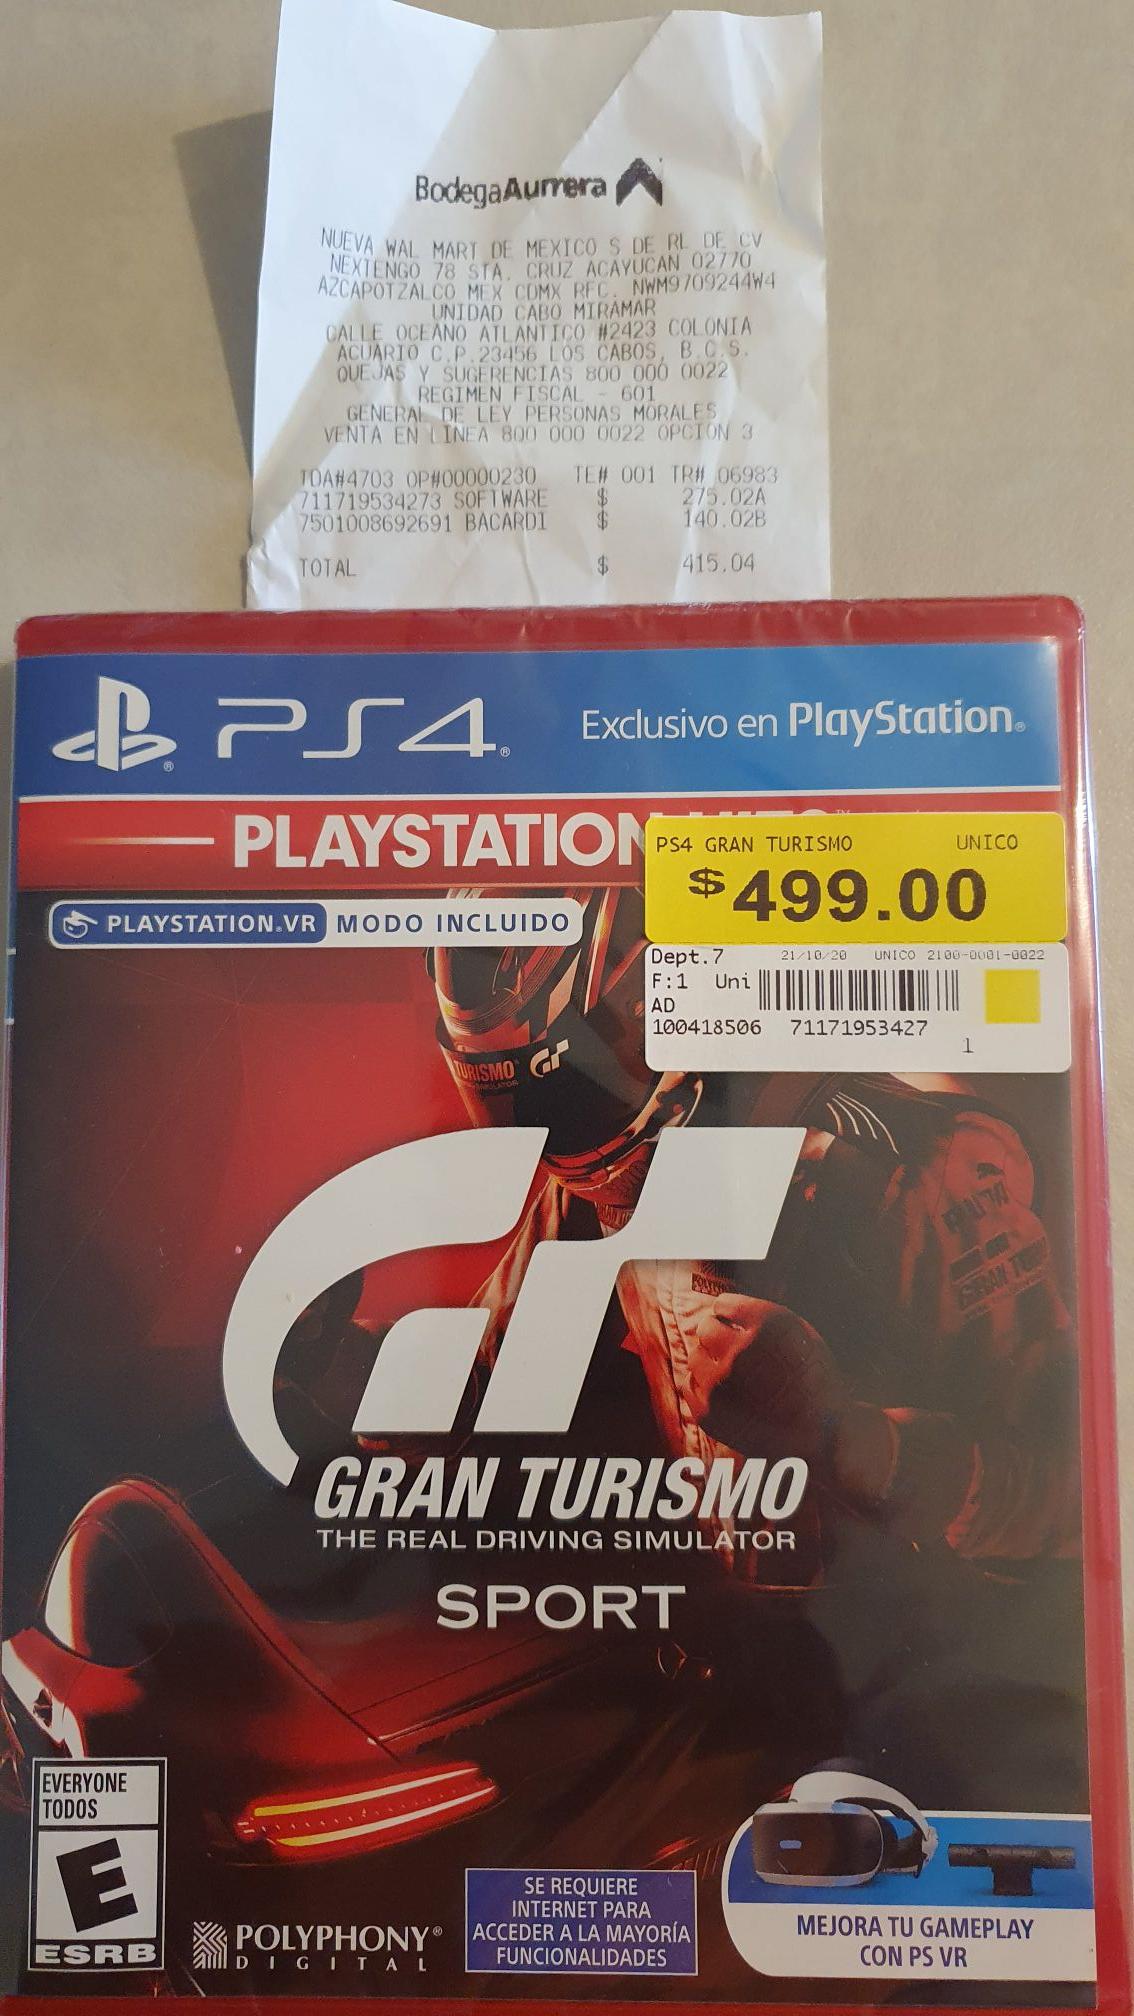 Bodega Aurrera: GRAN TURISMO PS4 en segunda liquidacion